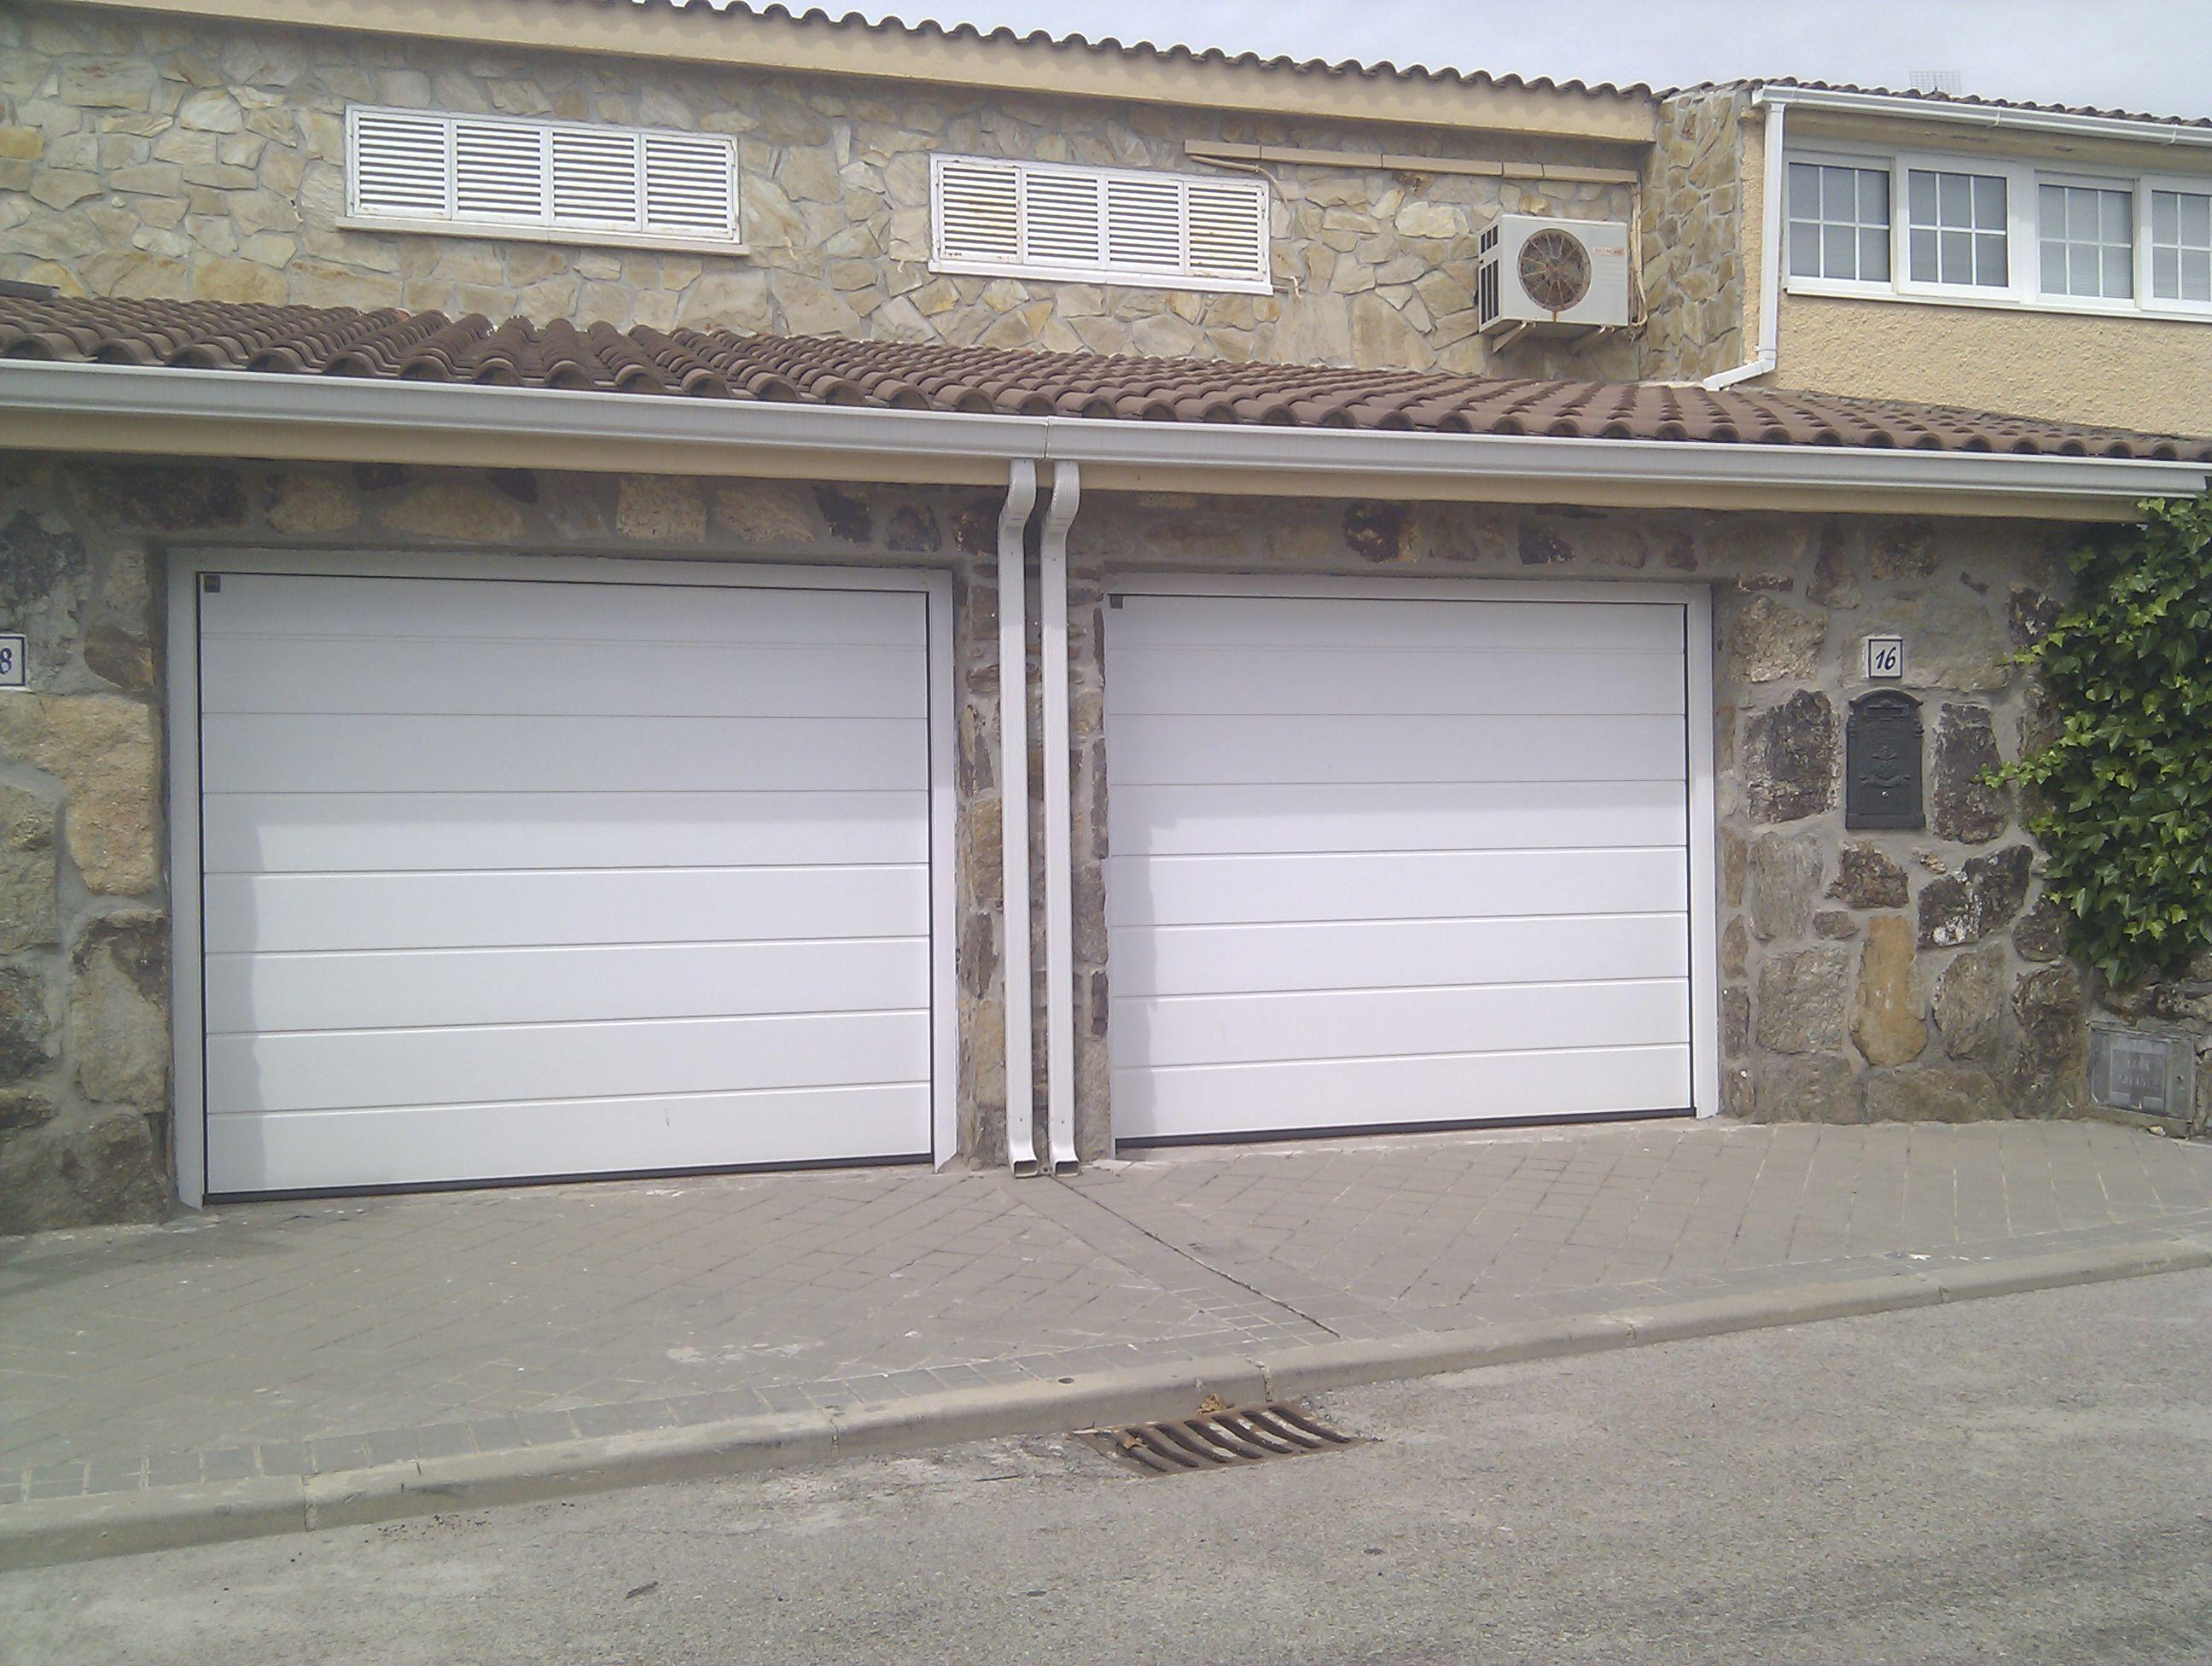 Puertas de garaje ferrara fuenlabrada - Puertas en fuenlabrada ...